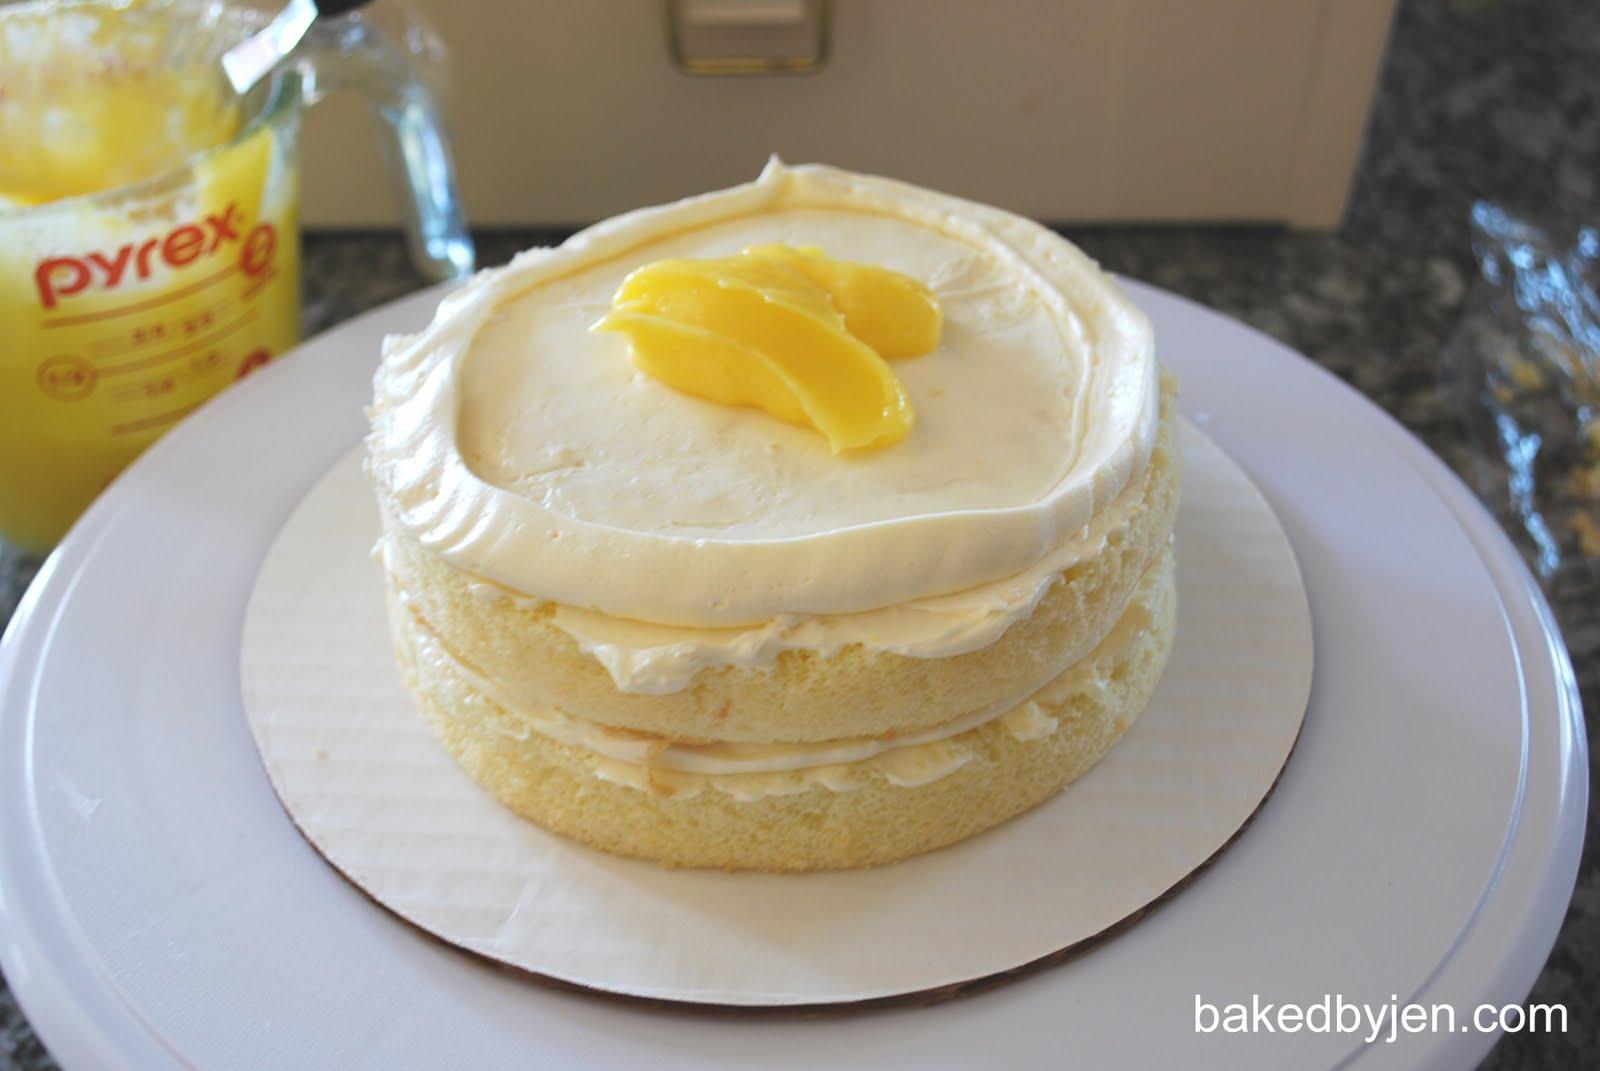 Baked by Jen: Lemon Chiffon Cake